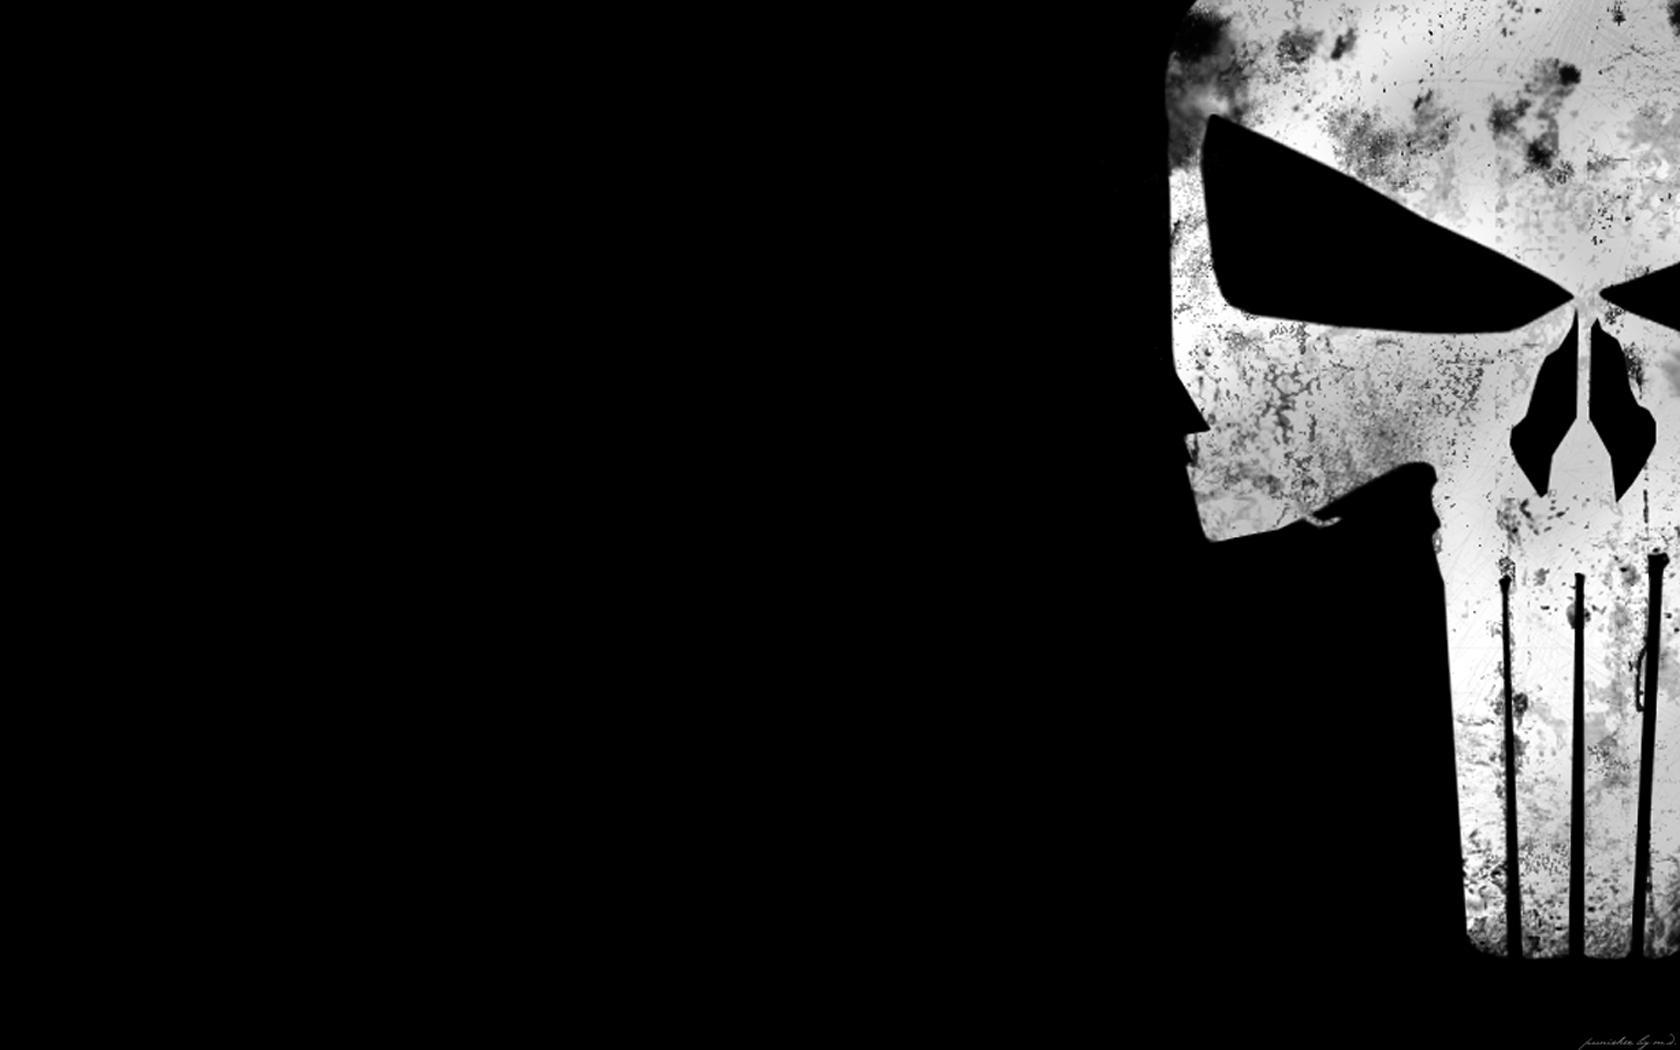 The Punisher Logo Wallpaper on Picterest